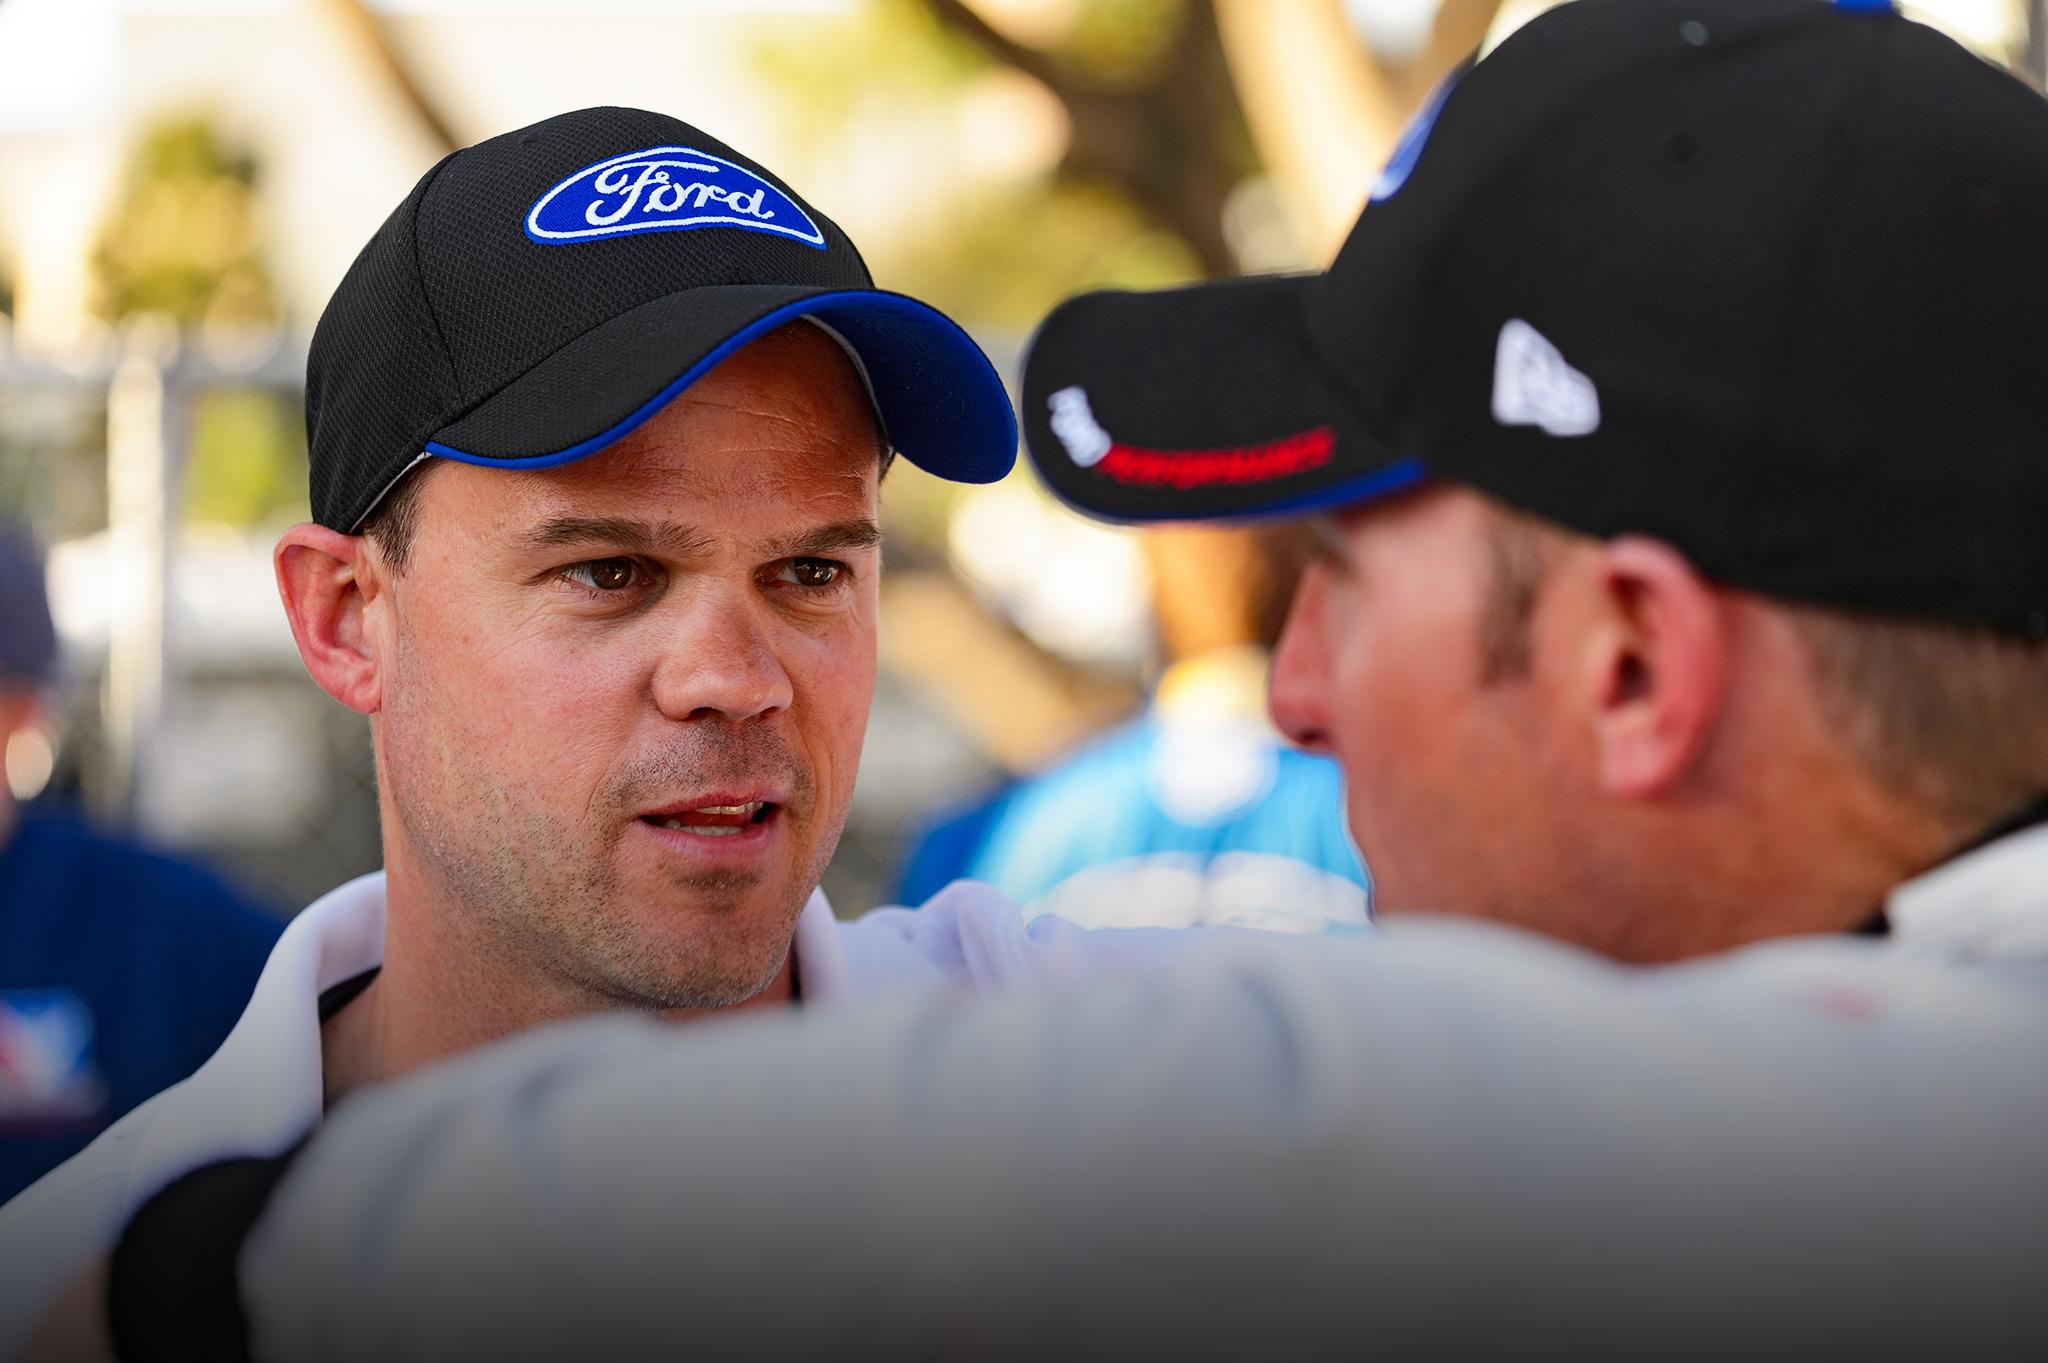 Alles ist bereit für das größte Rennen des Jahres – Ford greift bei den 24H von Le Mans mit vier Fahrzeugen nach dem historischen Sieg.